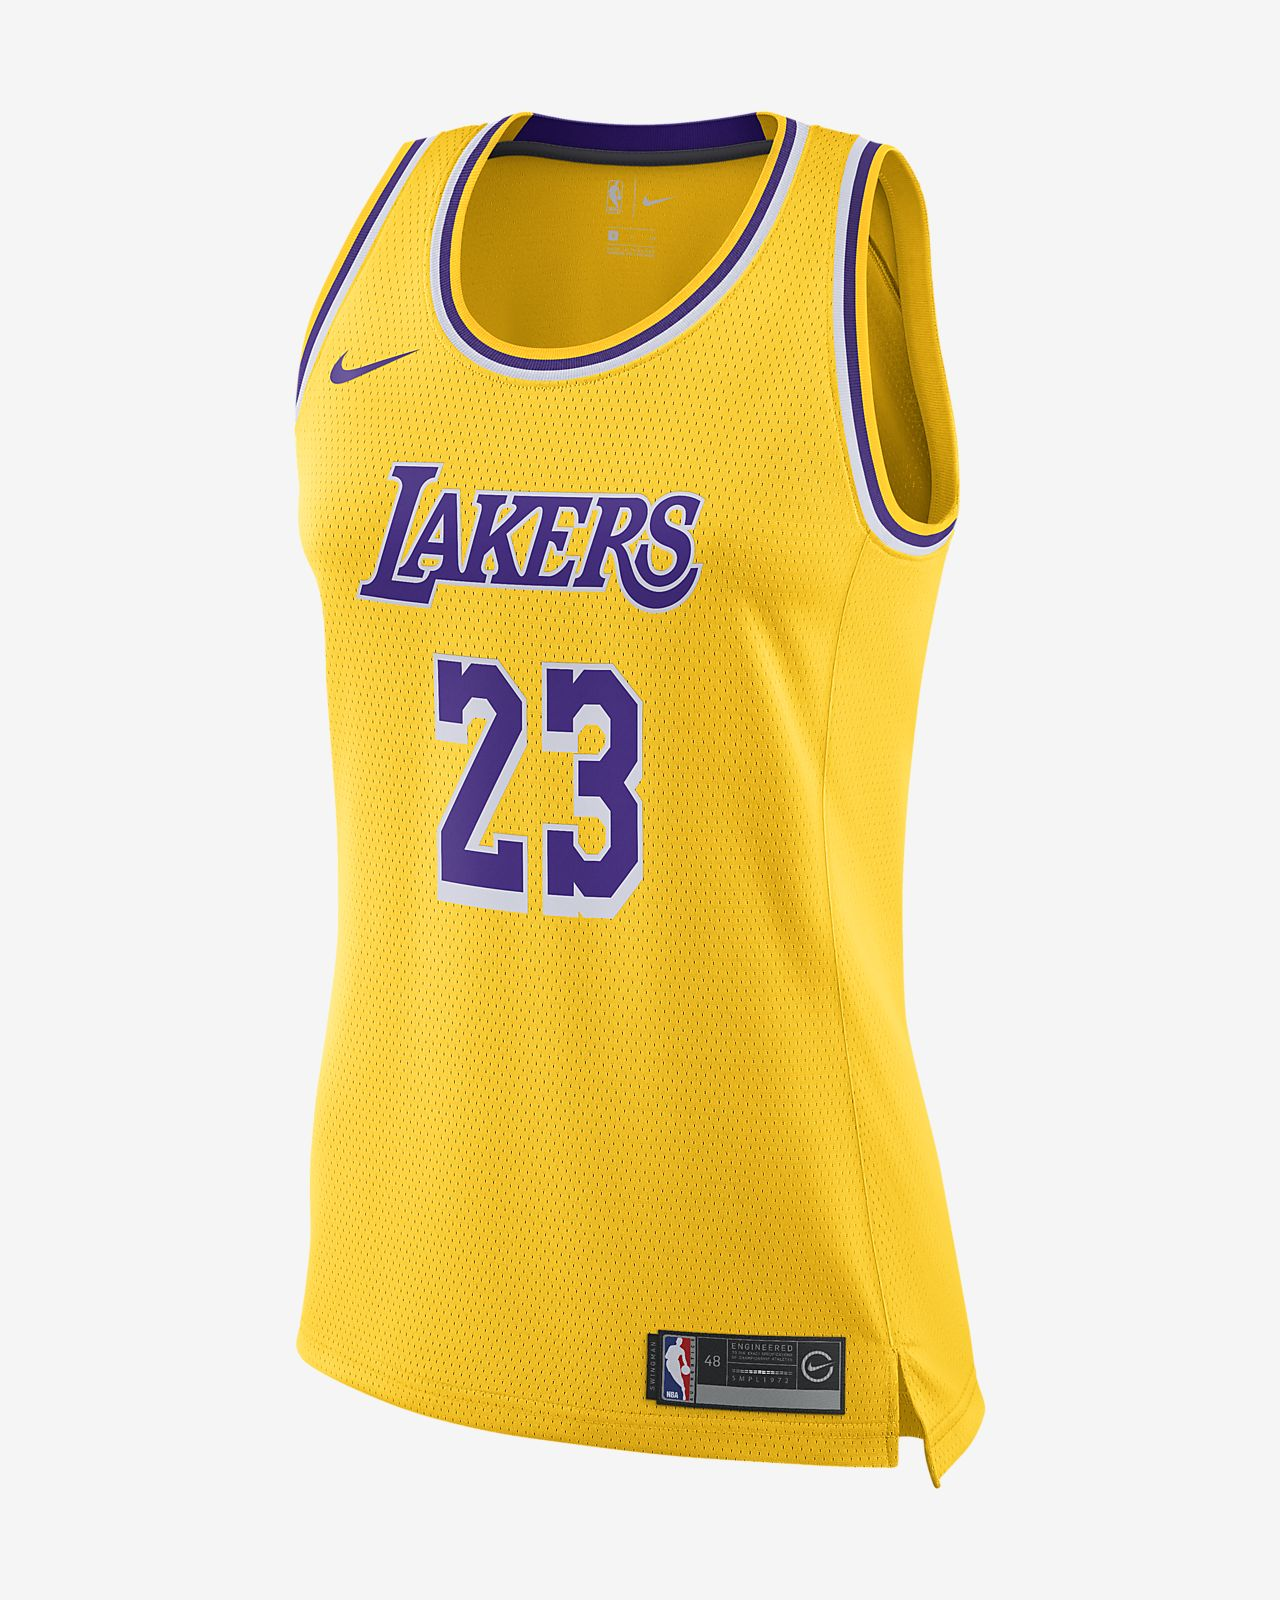 レブロン ジェームズ アイコン エディション スウィングマン (ロサンゼルス・レイカーズ) ウィメンズ ナイキ NBA コネクテッド ジャージー